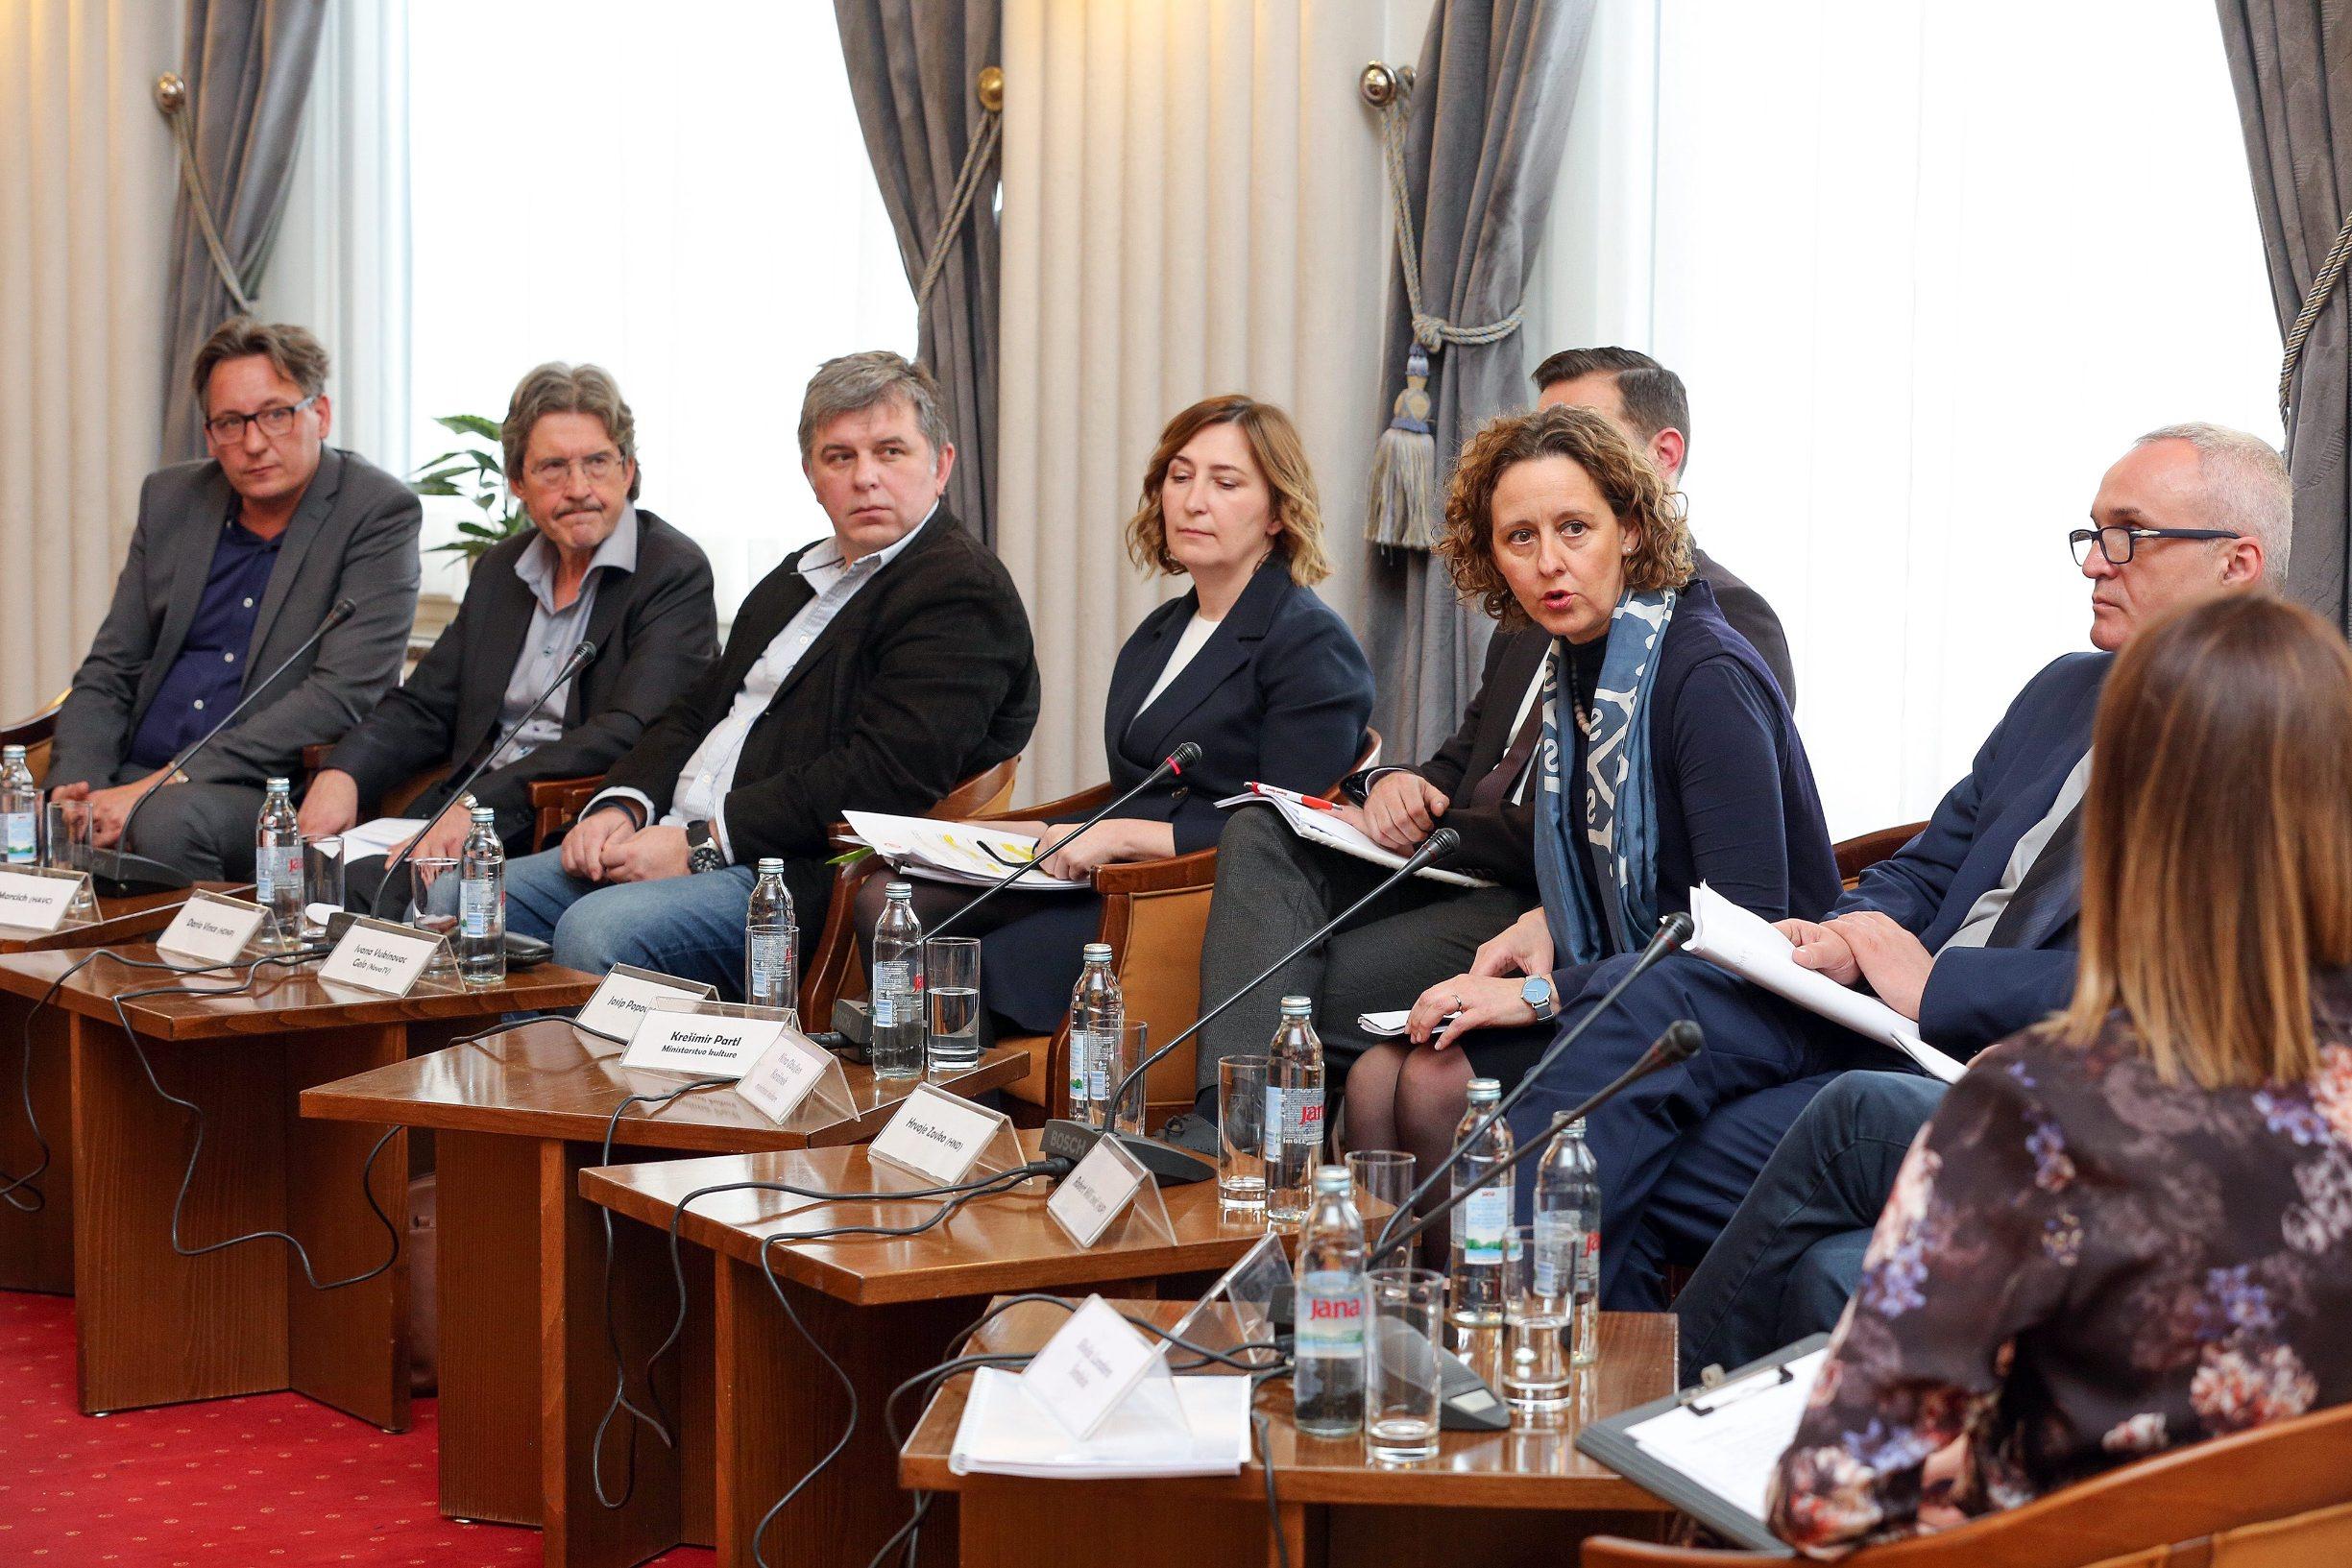 Željko Svenda, Chris Maricich, Dario Vine, Ivana Vukovinac Gelo, Nina Obuljen Koržinek i Hrvoje Zovko